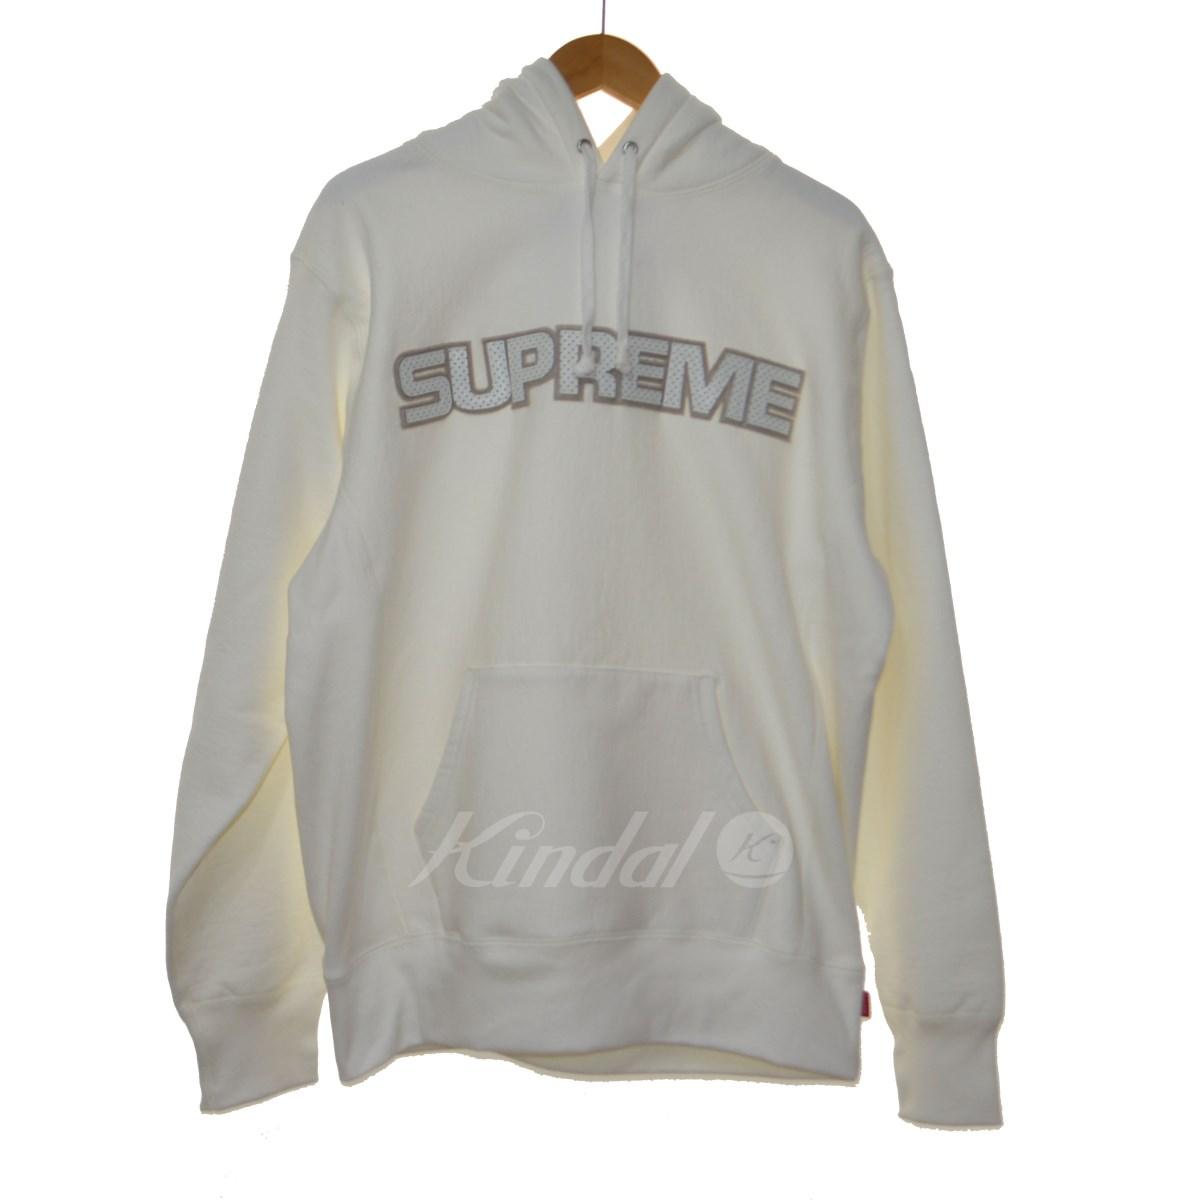 【中古】SUPREME 18AW Perforated Leather Hooded Sweat Shirt パーカー ホワイト サイズ:M 【送料無料】 【220918】(シュプリーム)